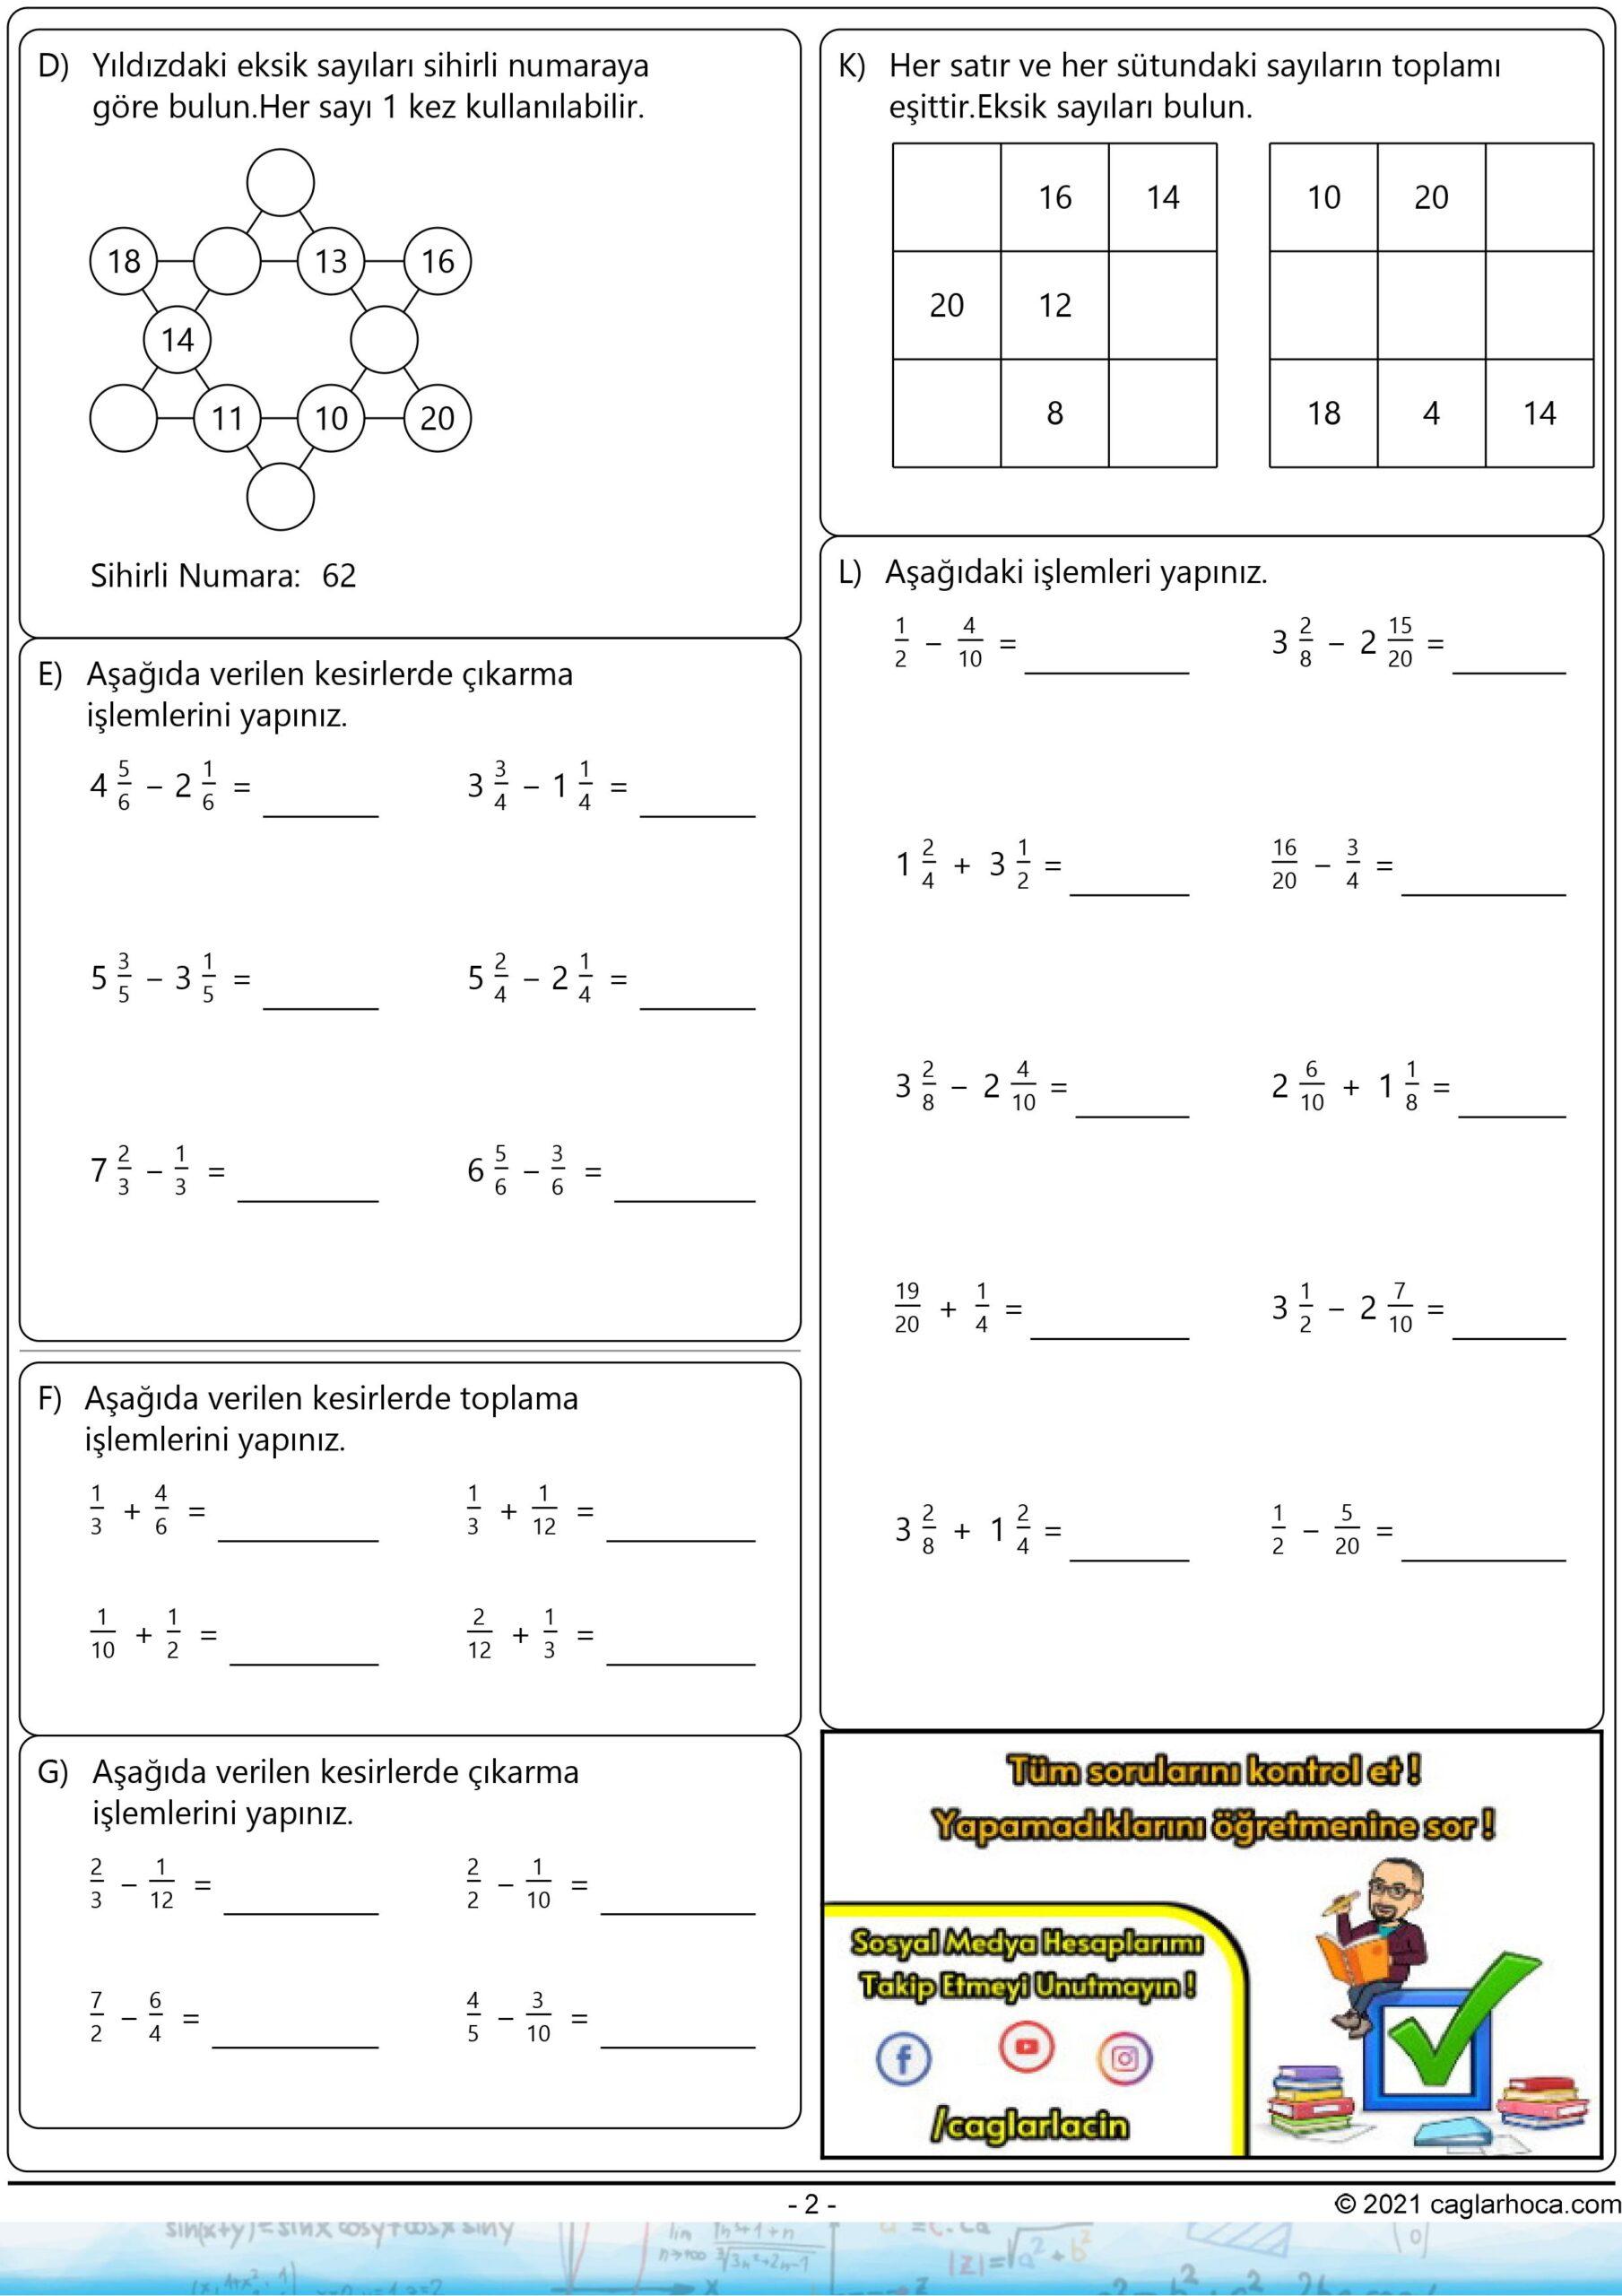 5.sınıf 4.ünite kesirlerle işlemler çalışma kağıdı